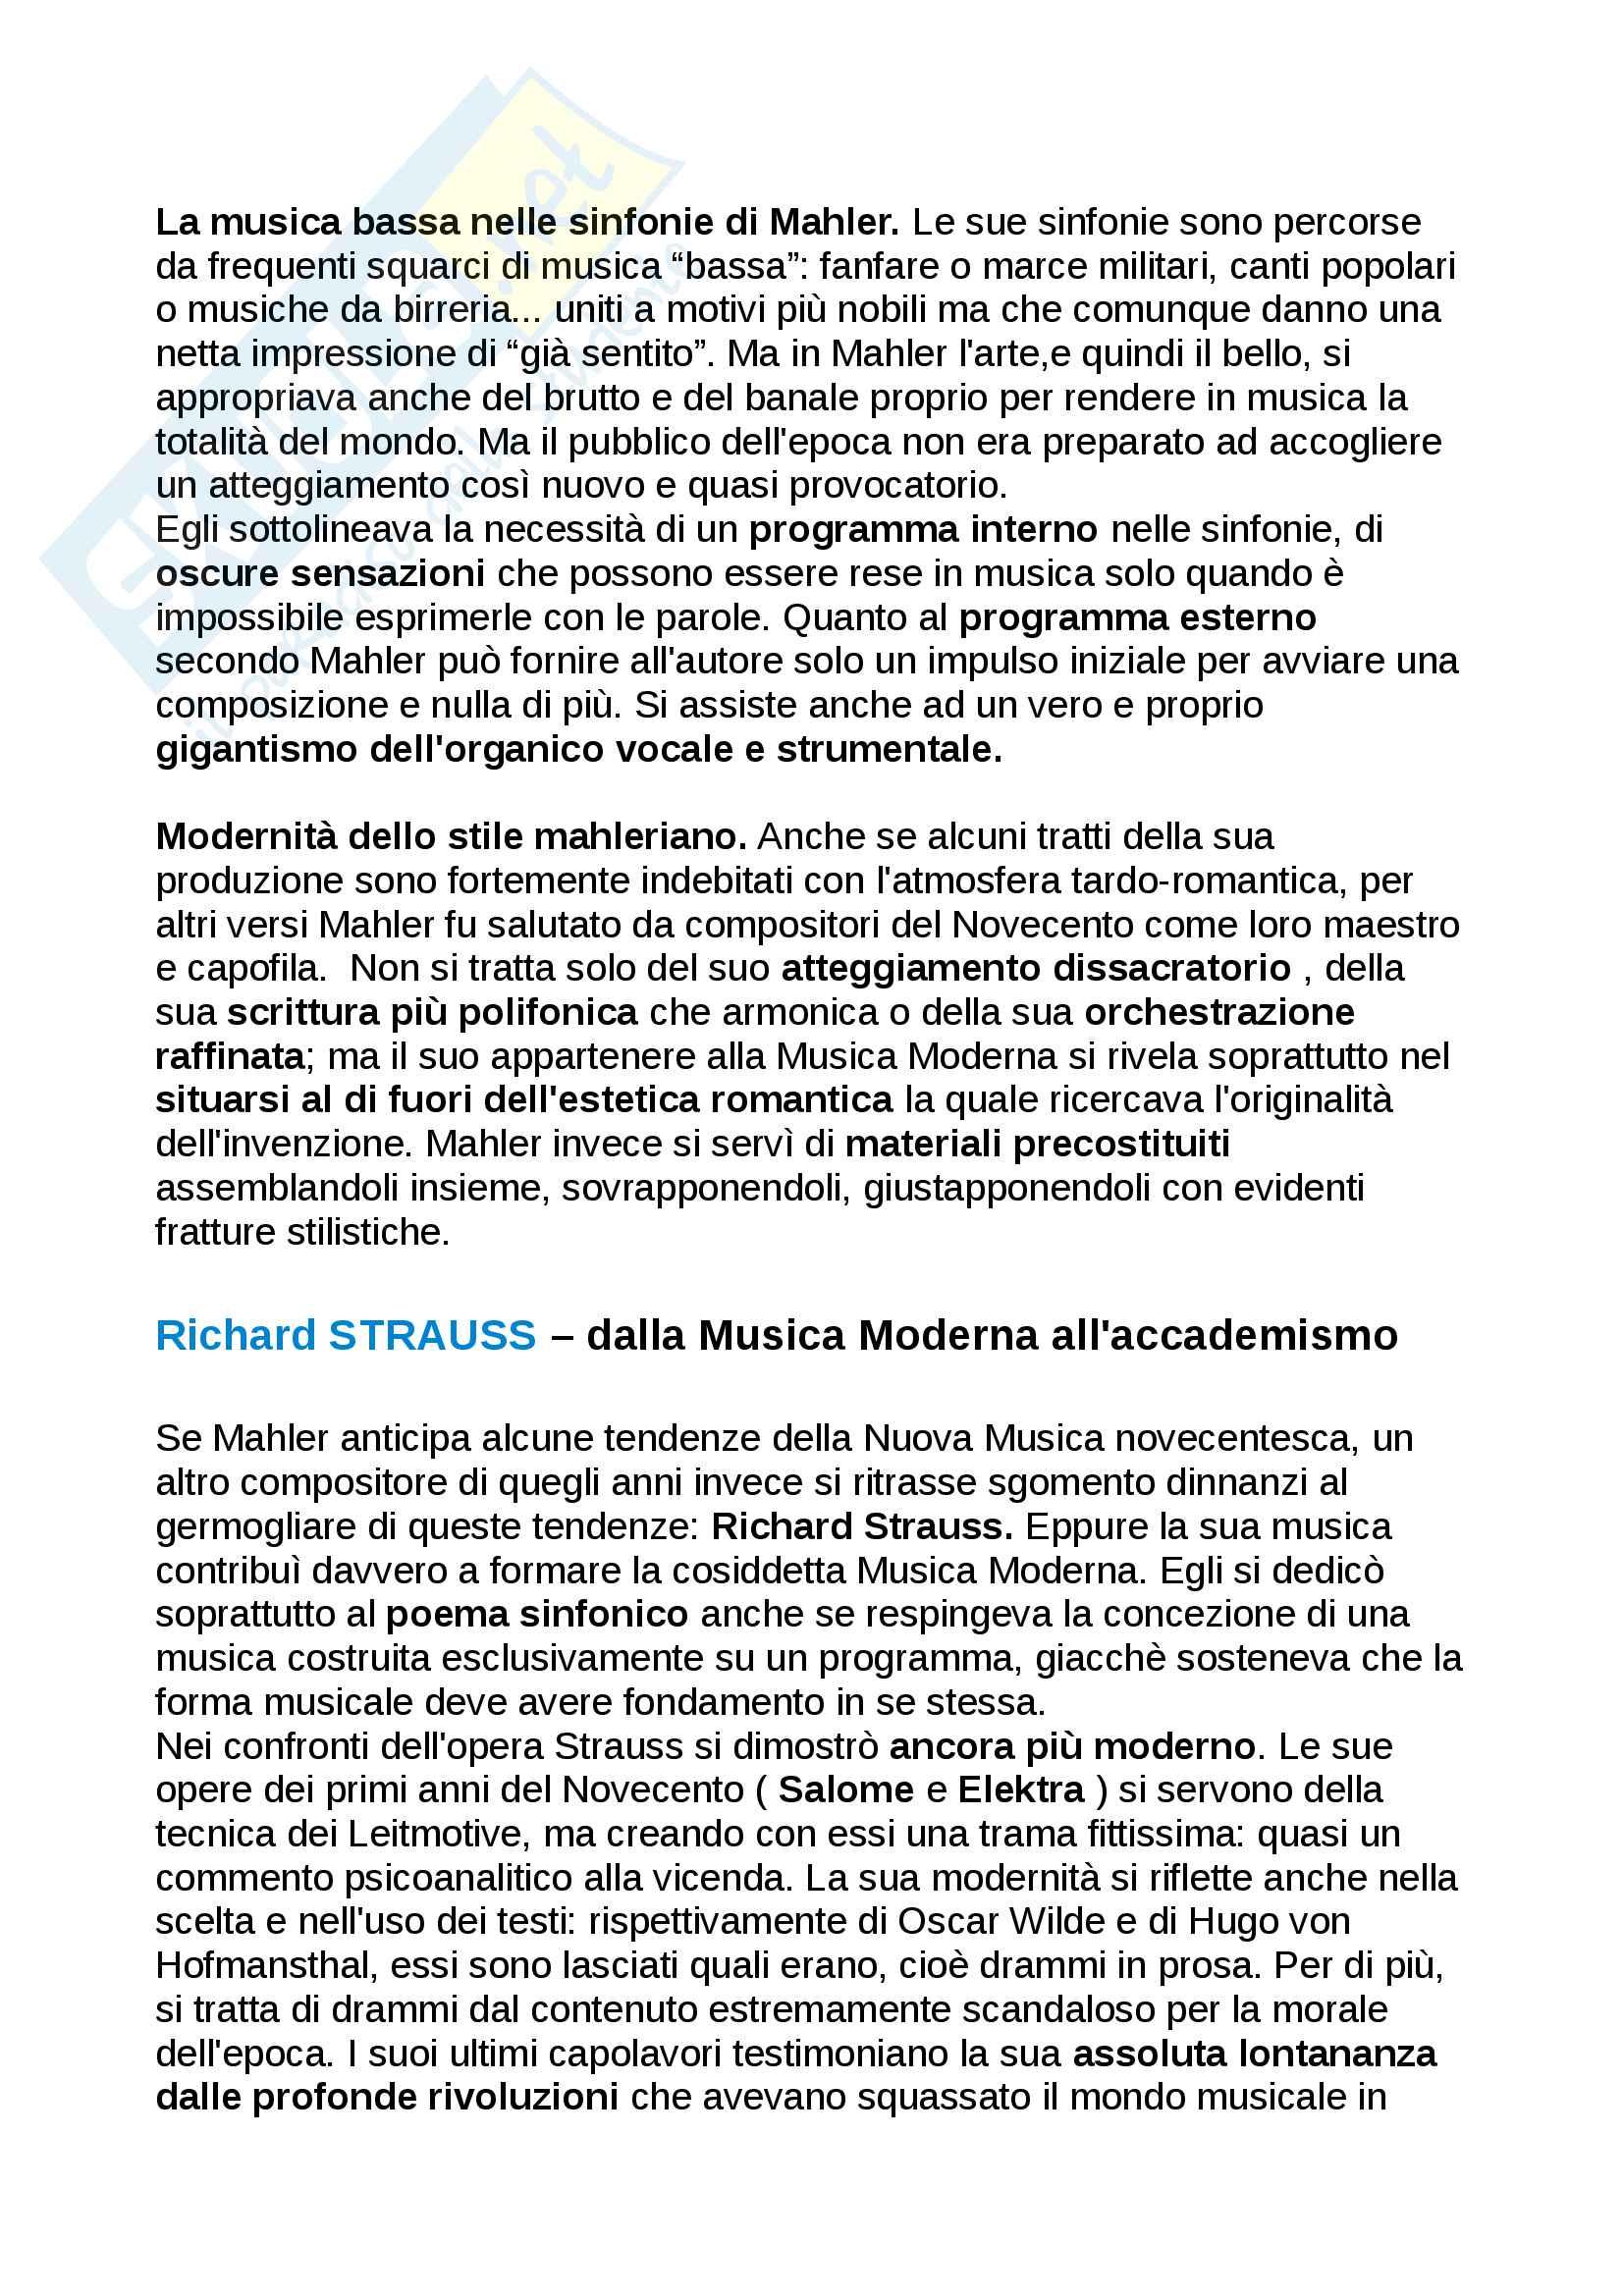 Riassunto Storia della musica moderna e contemporanea, libro consigliato: manuale, Carrozzo, Cimagalli - il 1800 Pag. 21